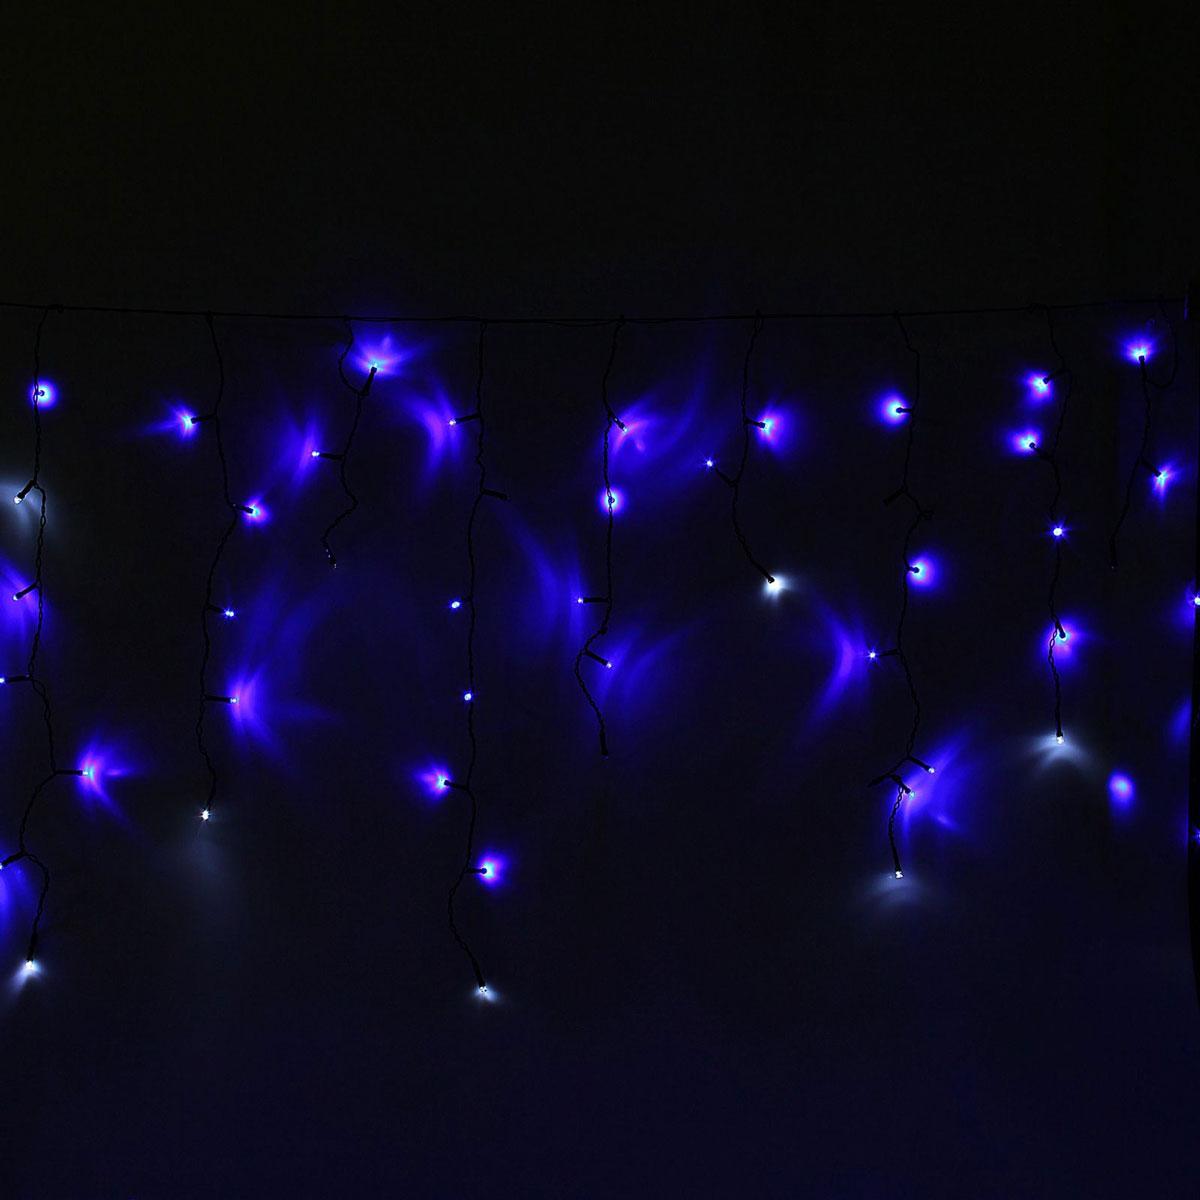 Гирлянда светодиодная Luazon Бахрома, уличная, эффект мерцания, 60 ламп, 220V, цвет: белый, синий, 1 х 0,6 м. 10801421080142Светодиодные гирлянды, ленты и т.д — это отличный вариант для новогоднего оформления интерьера или фасада. С их помощью помещение любого размера можно превратить в праздничный зал, а внешние элементы зданий, украшенные ими, мгновенно станут напоминать очертания сказочного дворца. Такие украшения создают ауру предвкушения чуда. Деревья, фасады, витрины, окна и арки будто специально созданы, чтобы вы украсили их светящимися нитями.